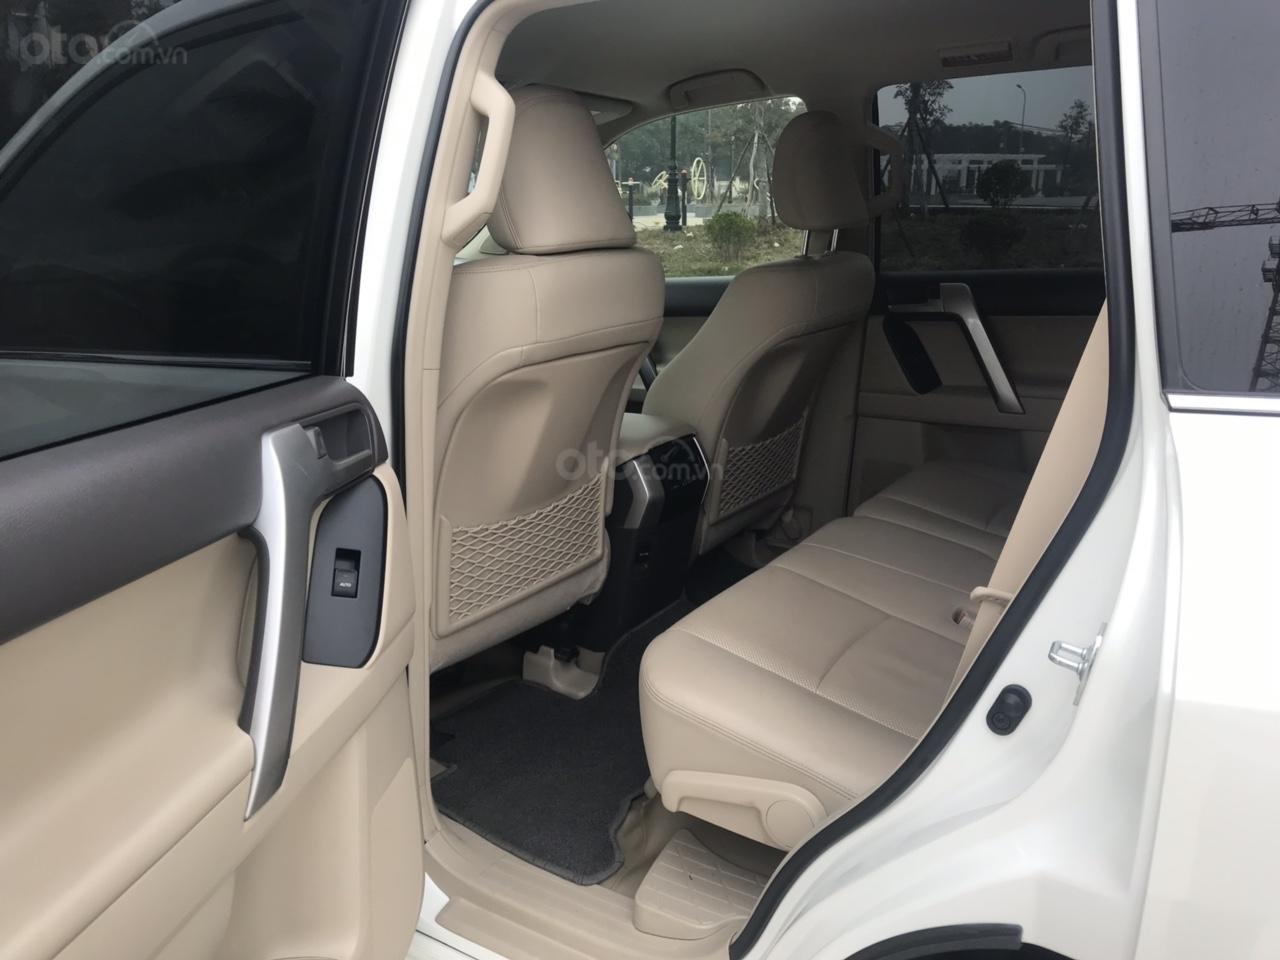 Cần bán xe Toyota Prado đời 2018, màu trắng, xe siêu lướt thơm mùi mới - Liên hệ: 094-711-6996 Mr Thanh-1